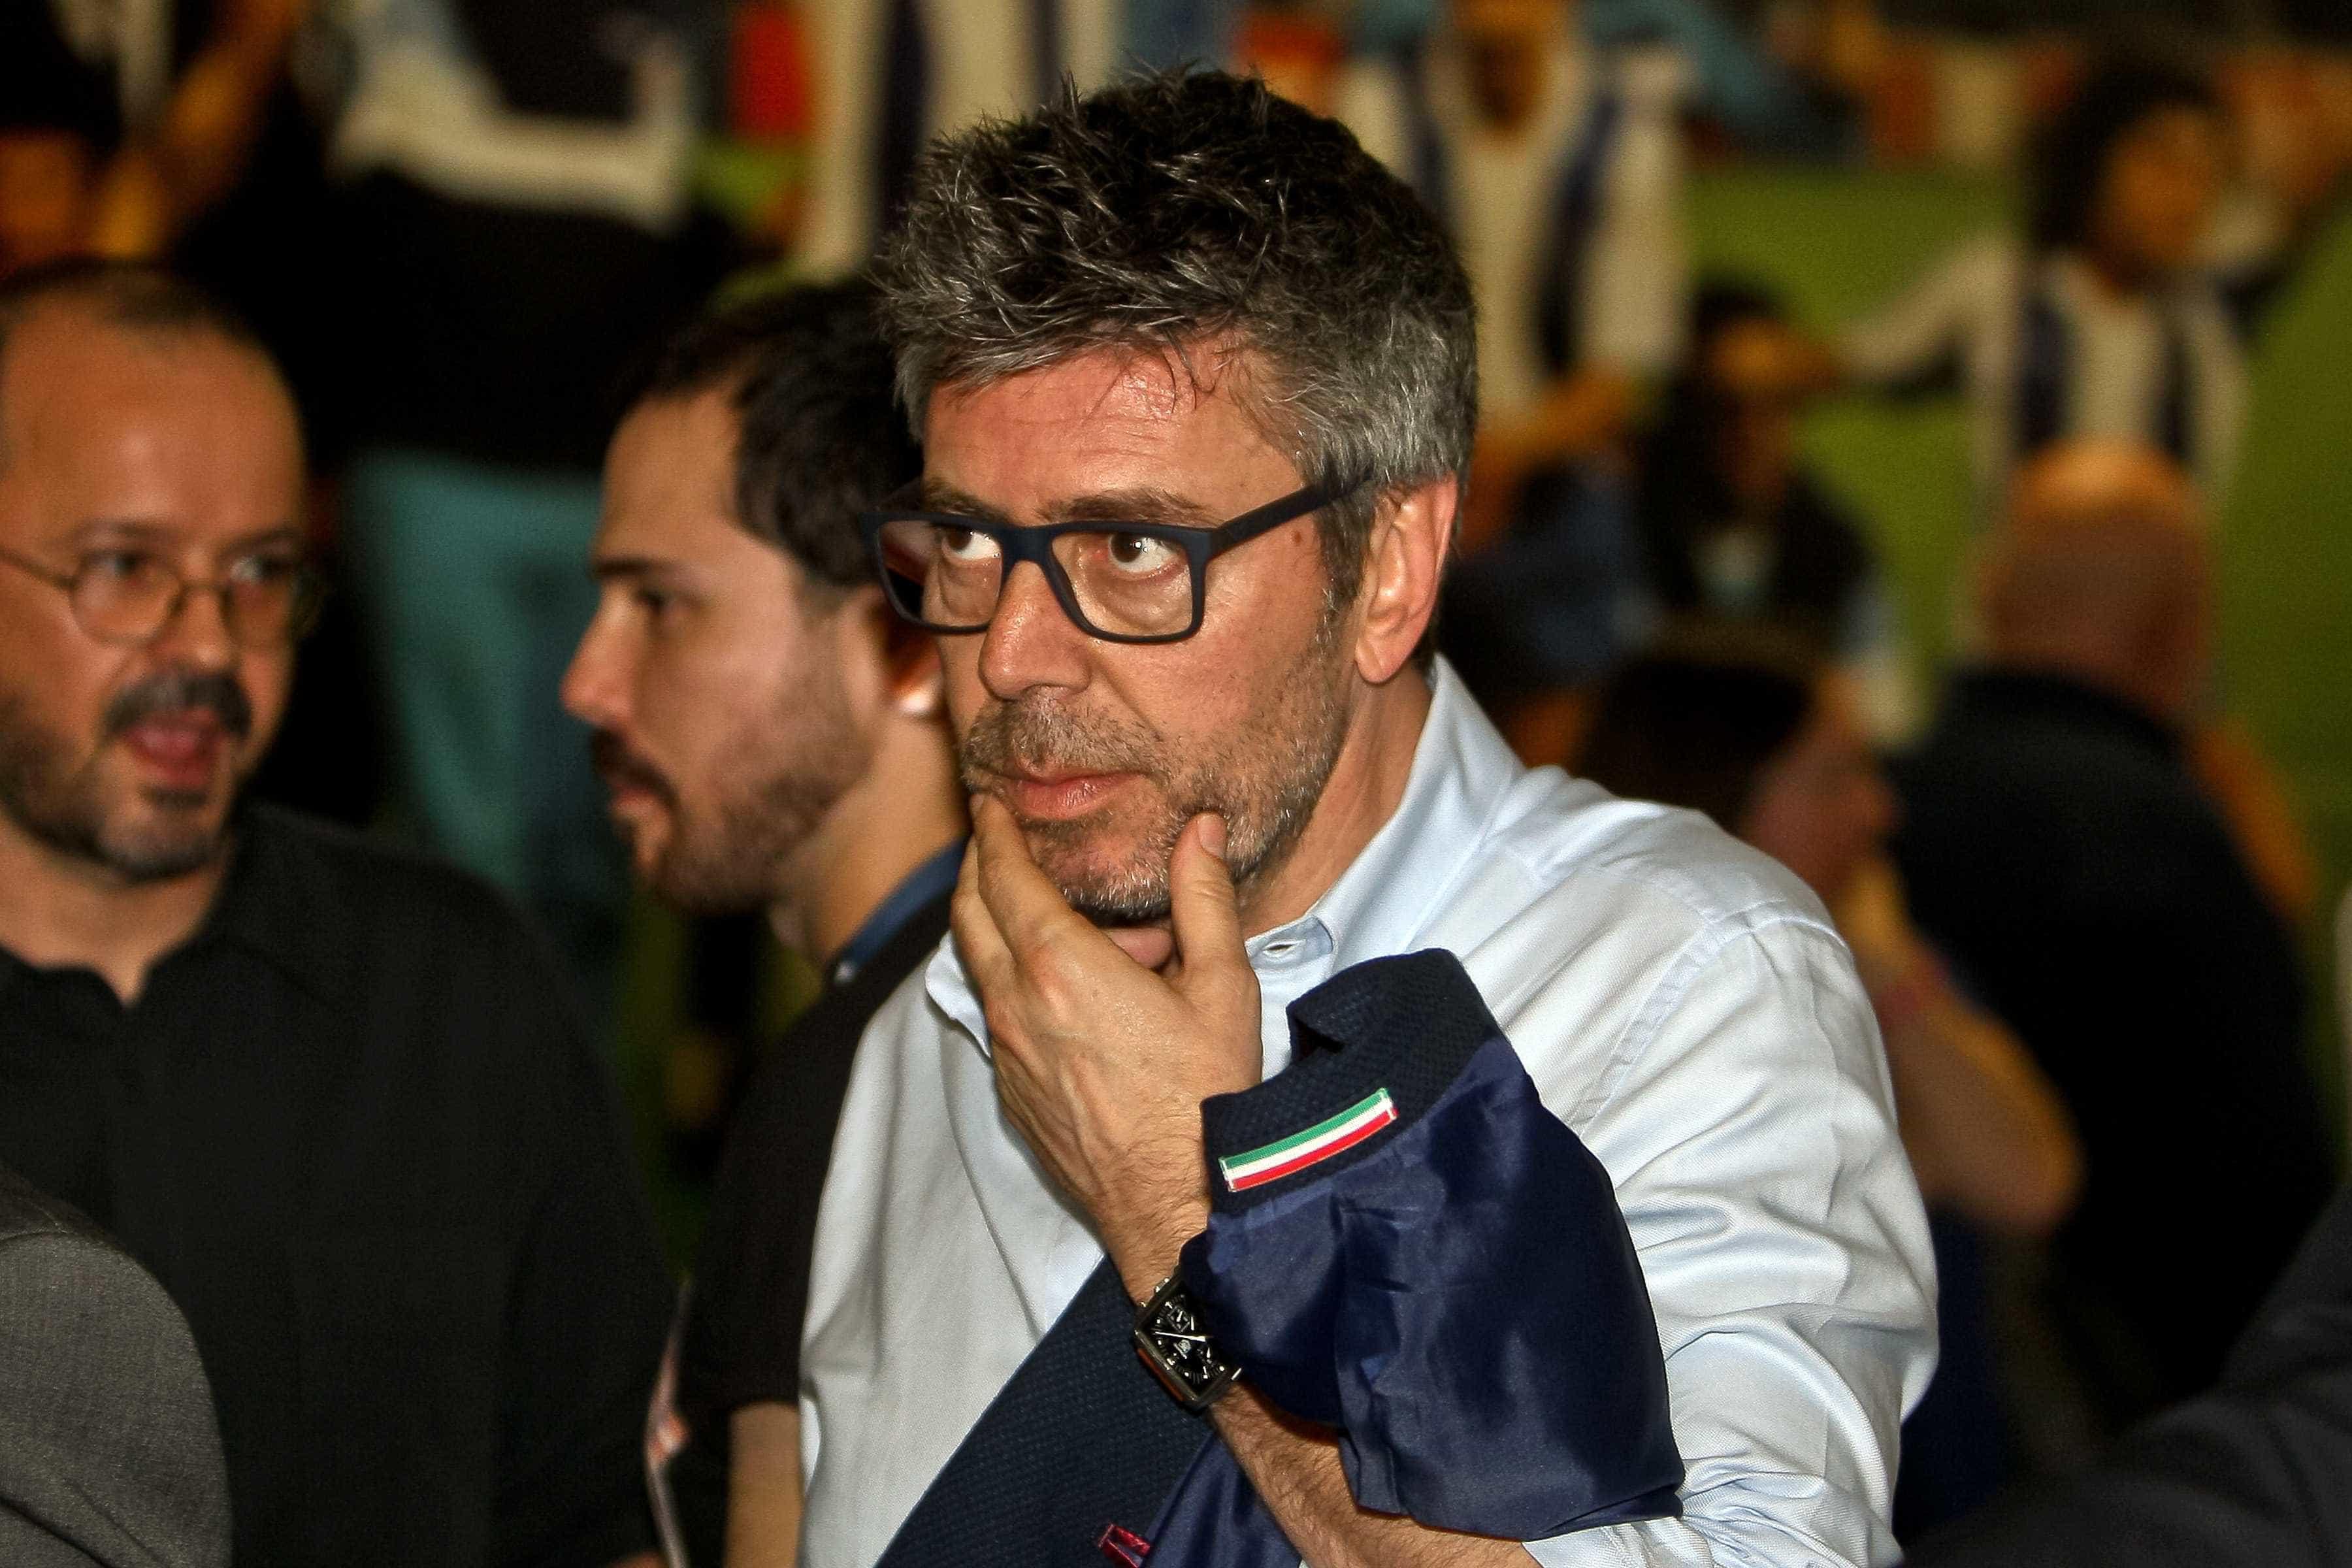 Francisco J. Marques 'atira-se' à arbitragem do Moreirense-Benfica